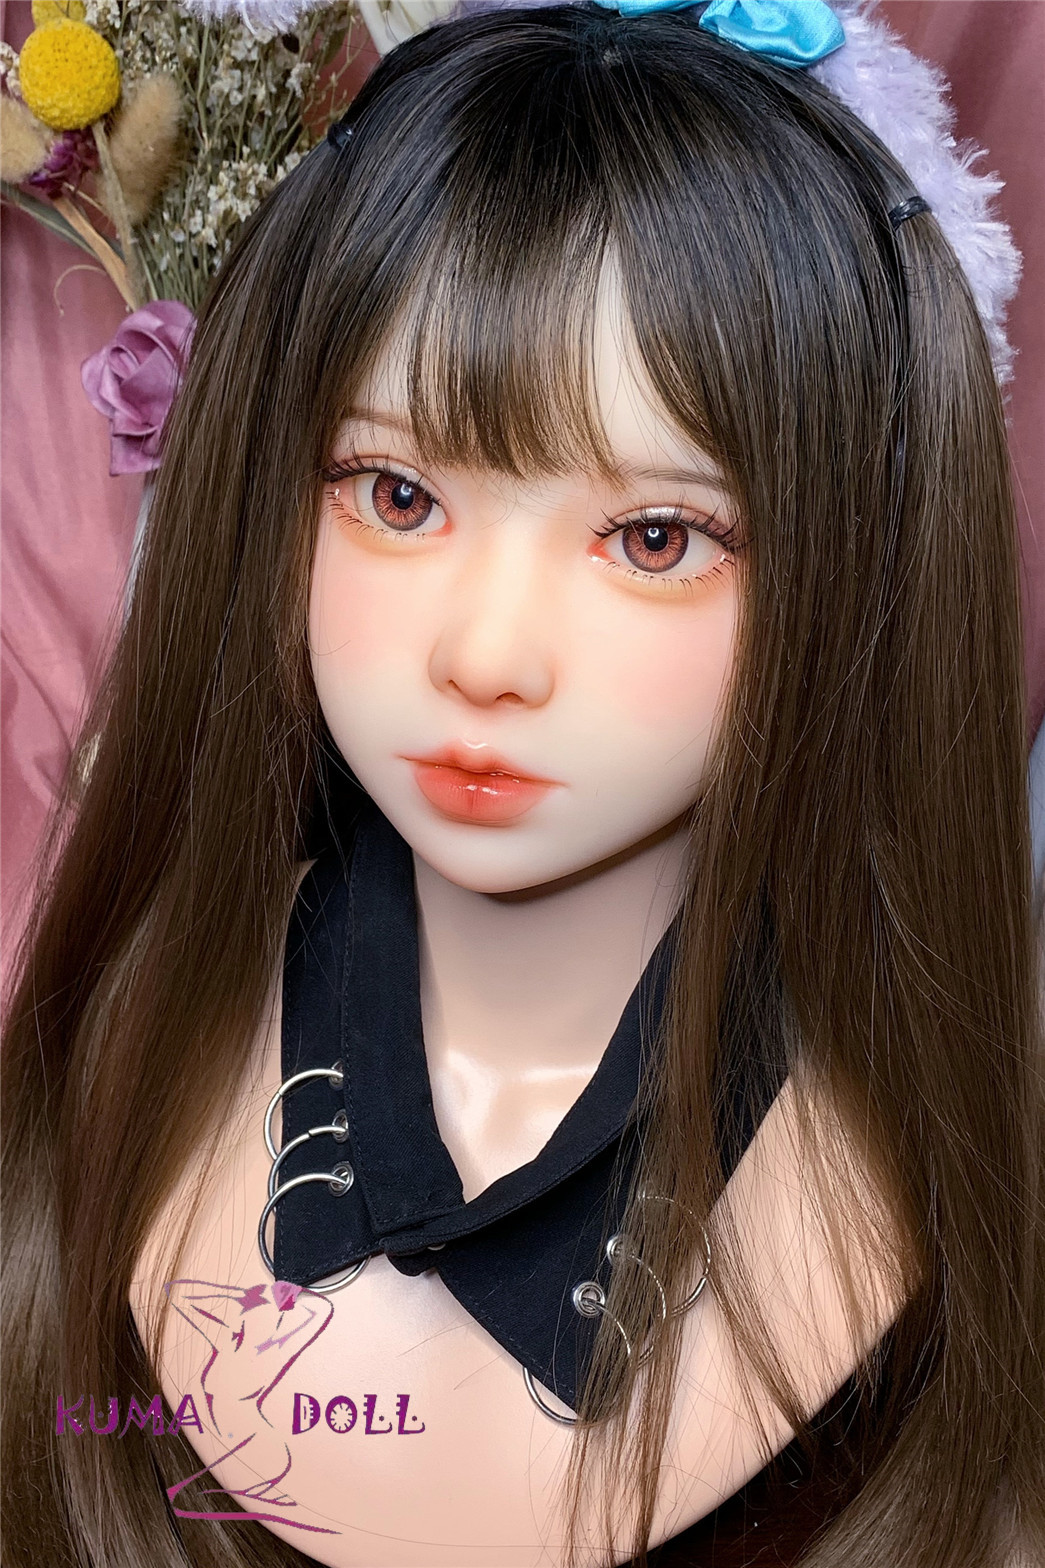 Real Girl 頭部単品 B1ヘッド 125-140CM身長適用 TPE製ヘッド M16ボルト採用 職人メイクが選べる